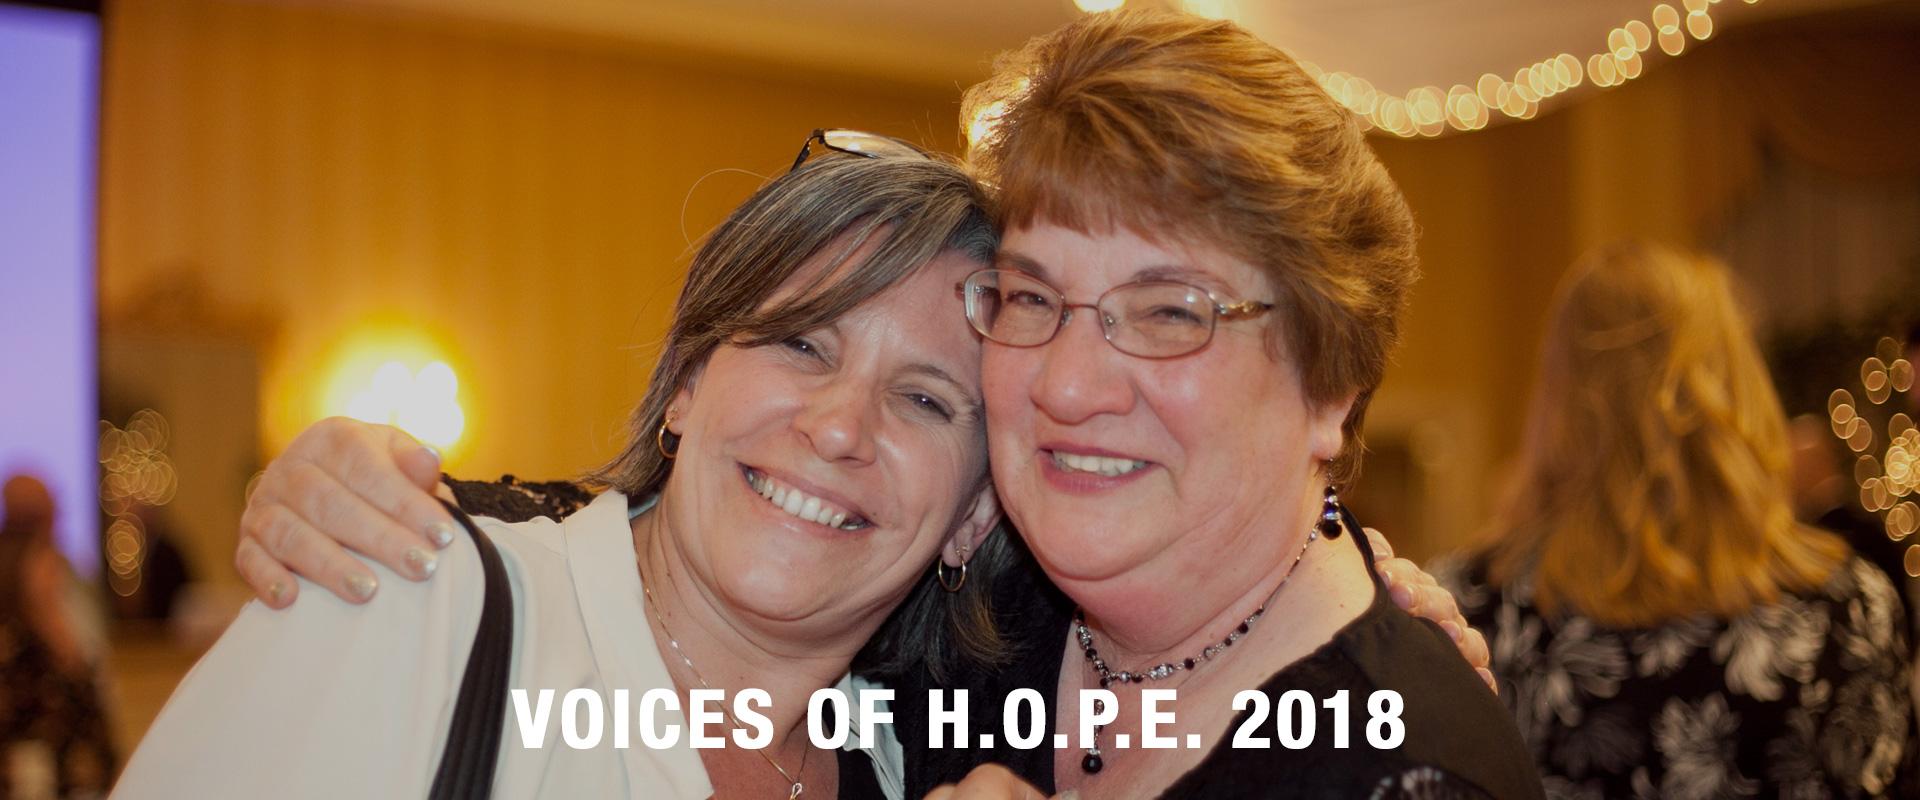 Voices of H.O.P.E. 2018 - 1